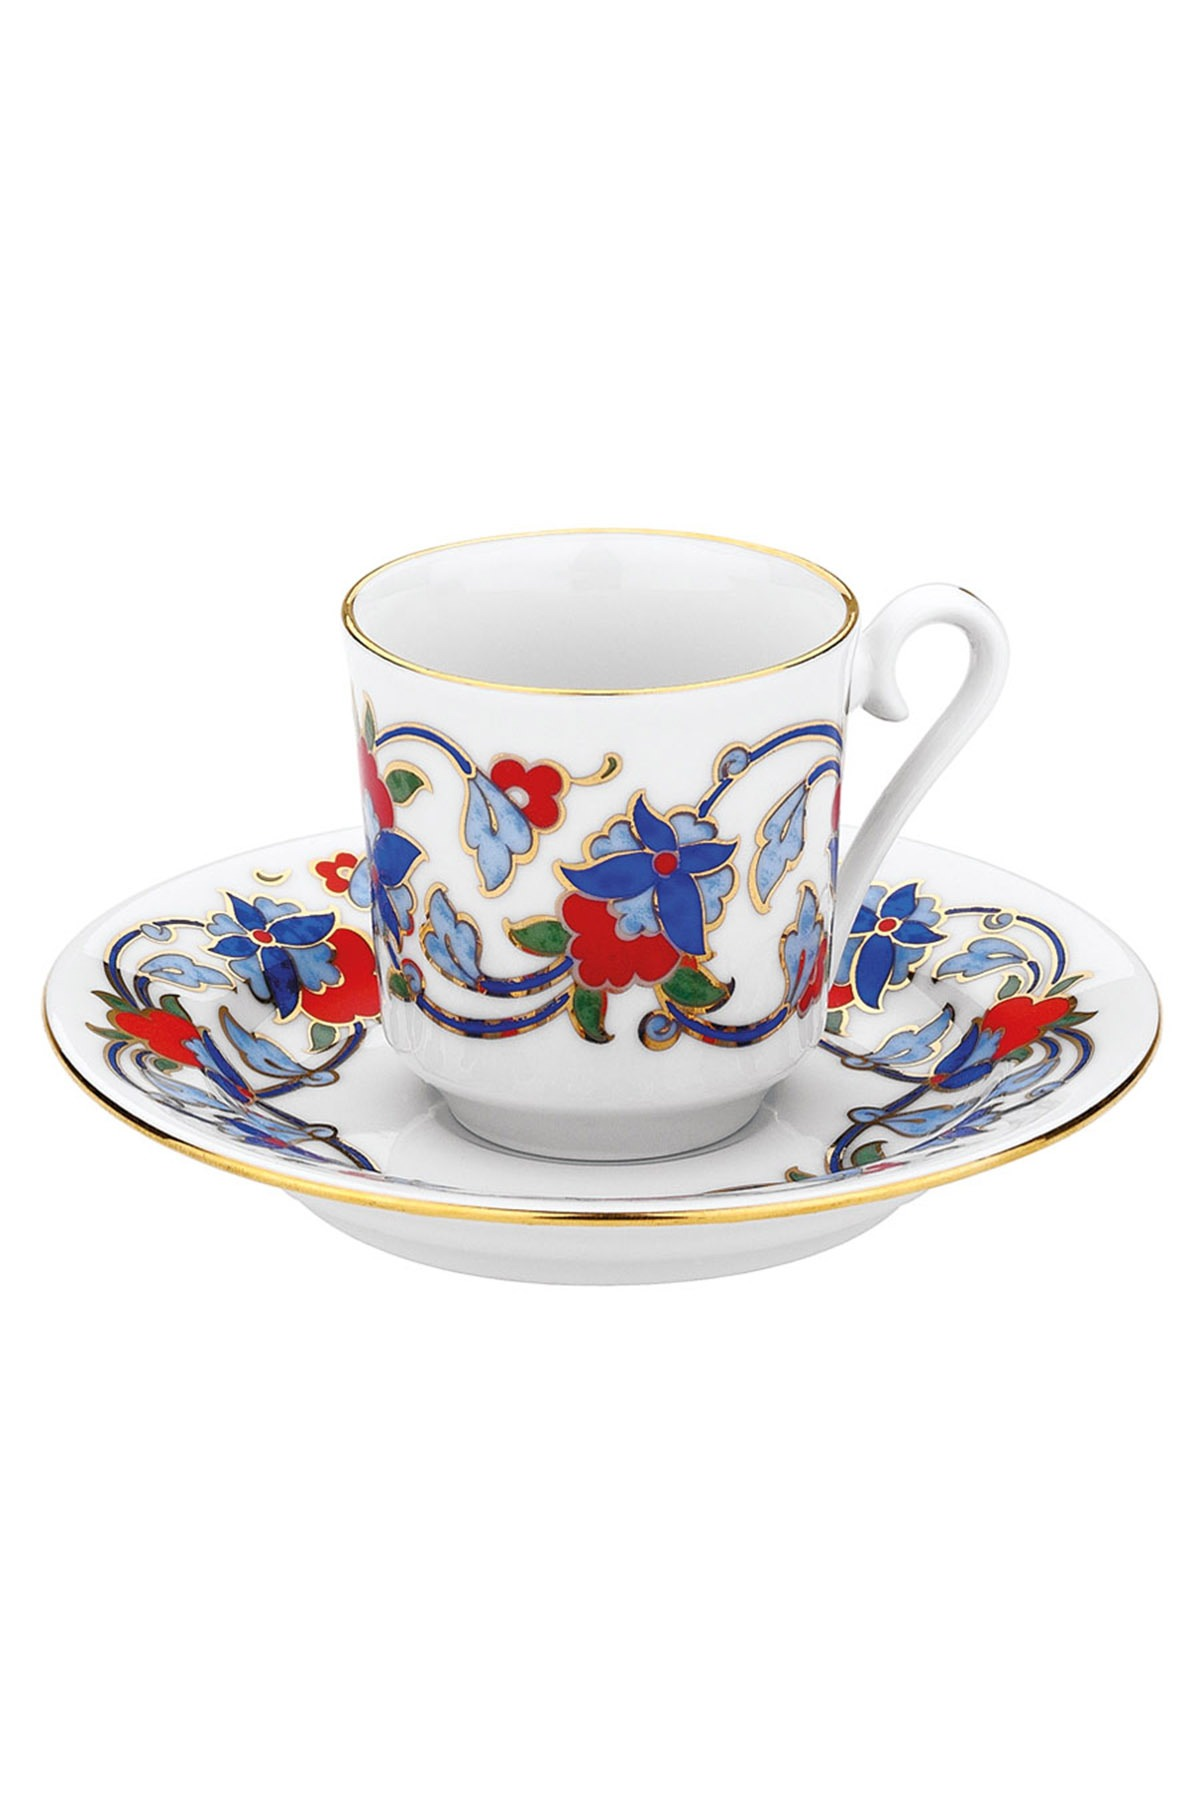 KÜTAHYA PORSELEN - Kütahya Porselen 554 Desen Kahve Fincan Takımı